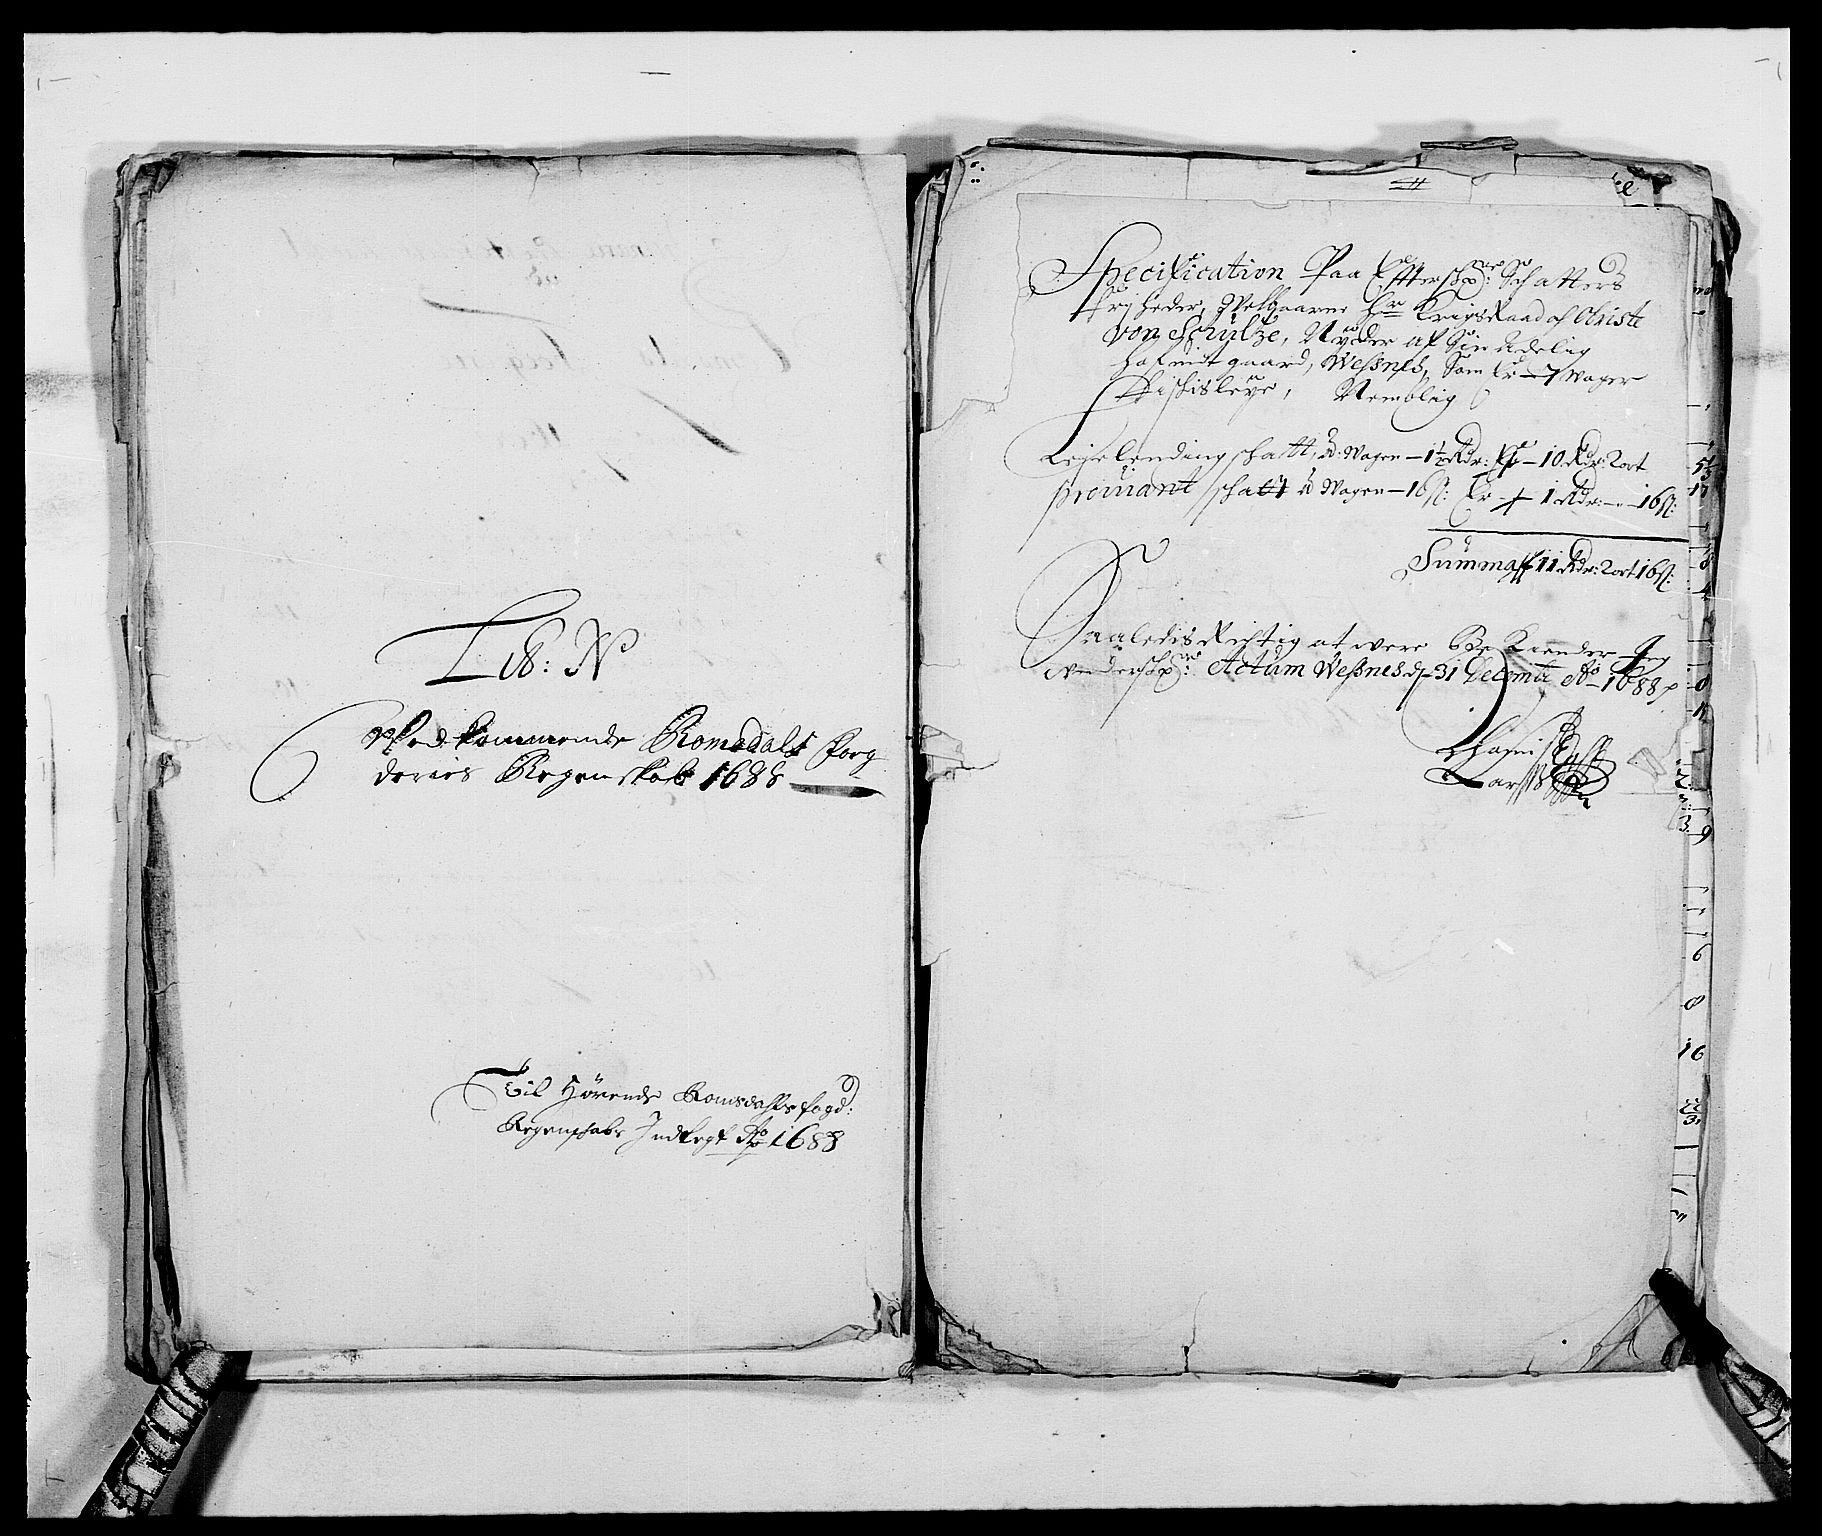 RA, Rentekammeret inntil 1814, Reviderte regnskaper, Fogderegnskap, R55/L3648: Fogderegnskap Romsdal, 1687-1689, s. 290